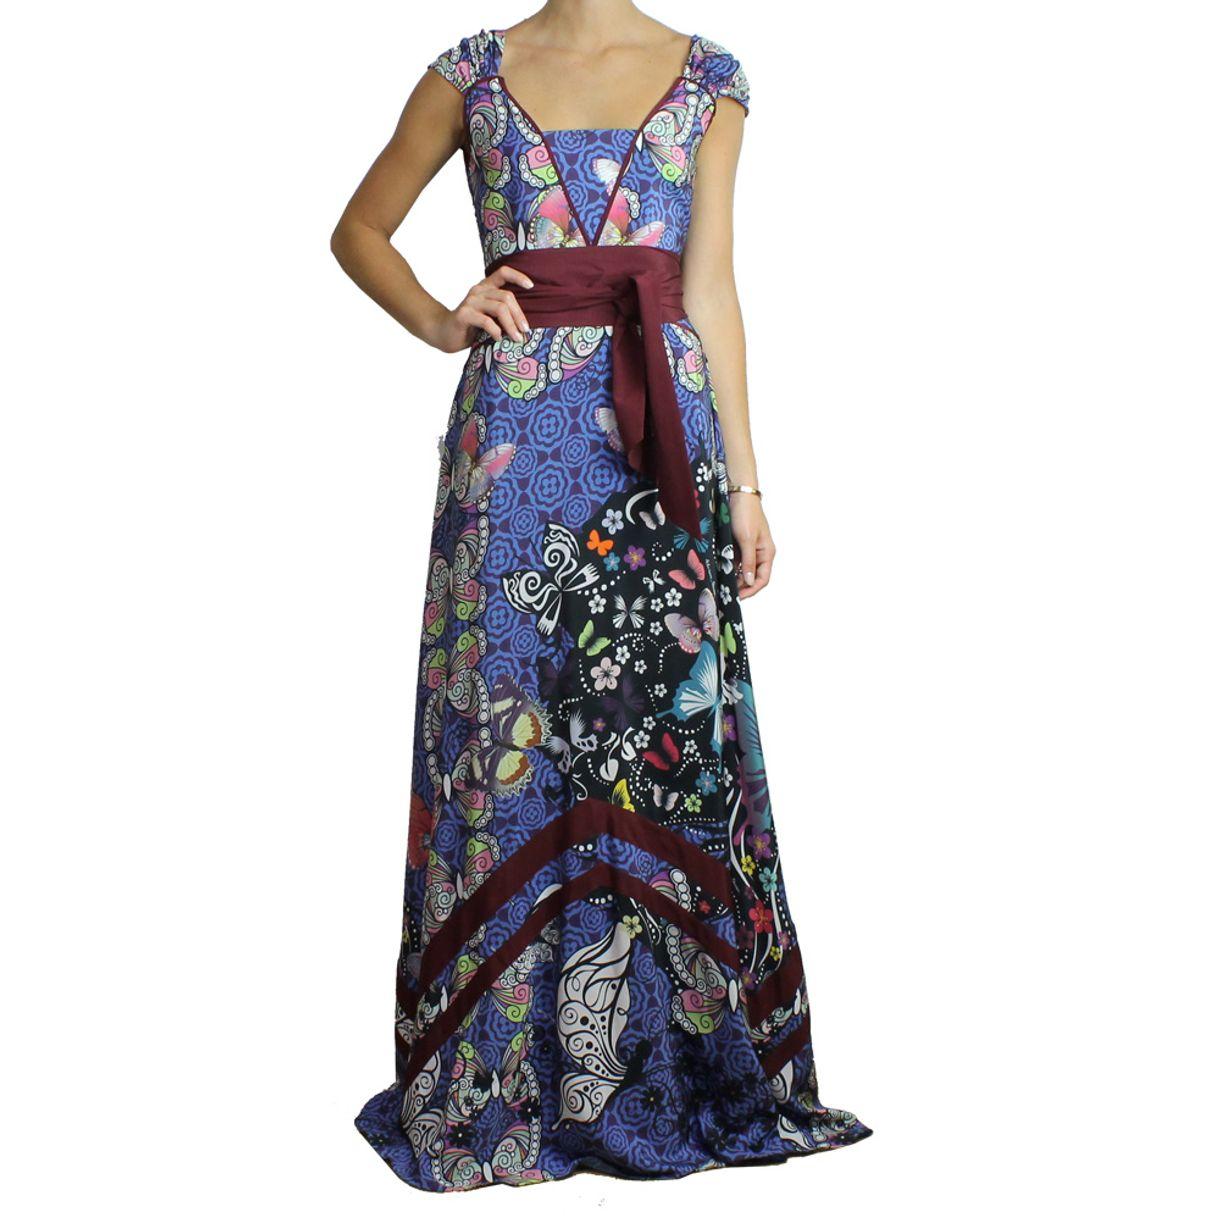 Vestido-Adriana-Barra-Estampa-Borboleta-Azul-e-Vinho